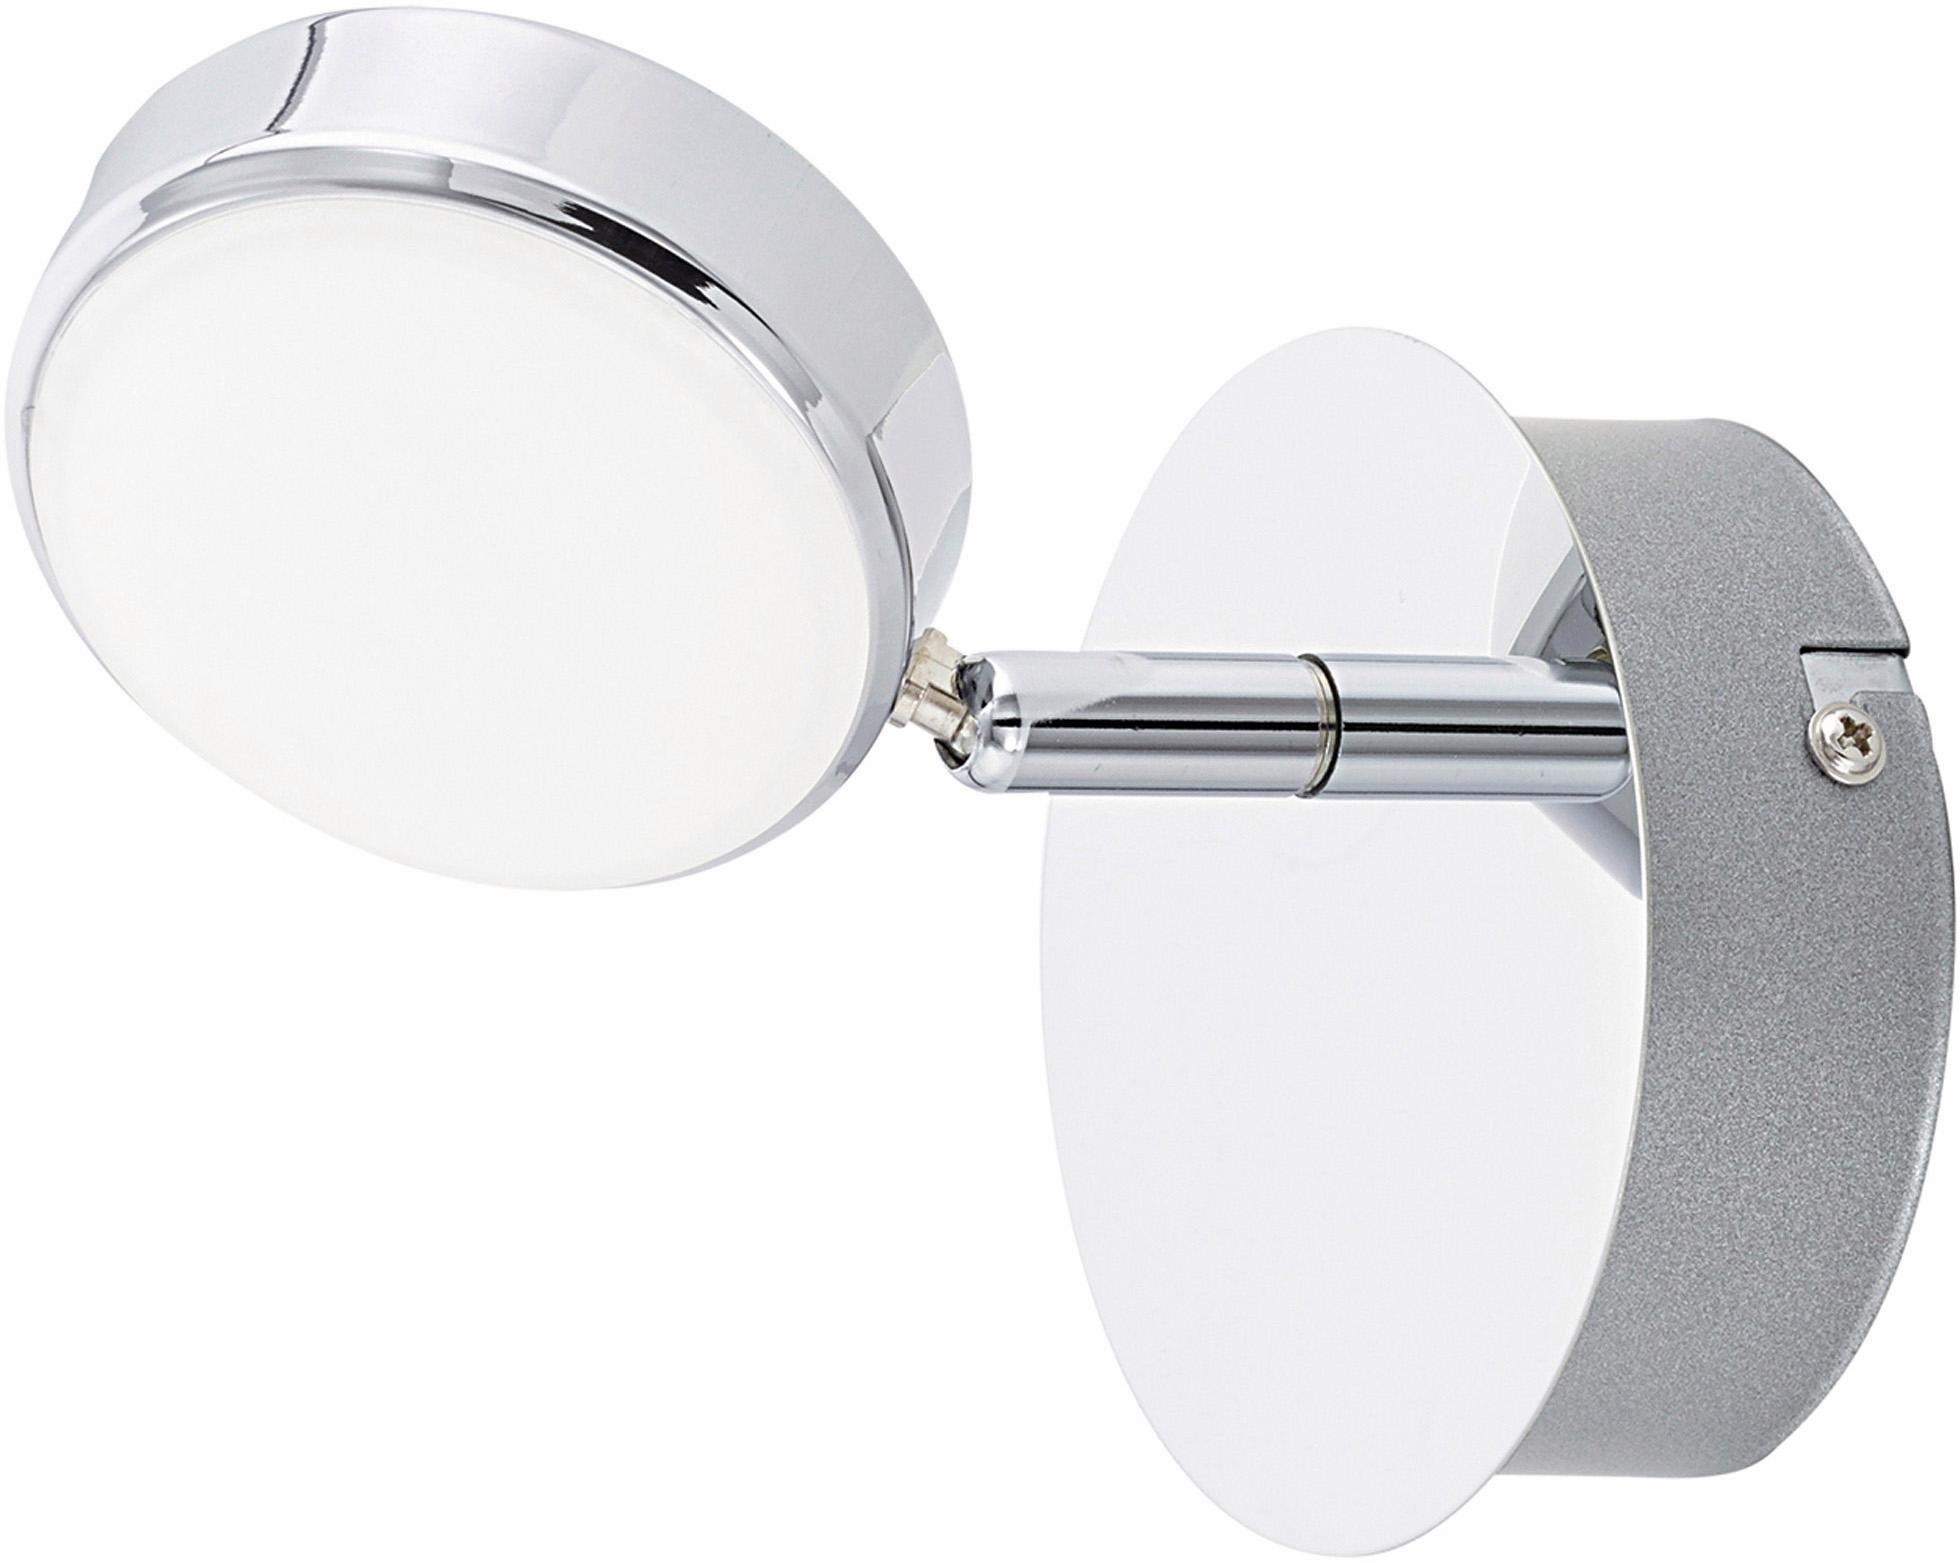 Eglo led-wandlamp »SALTO«, bestellen: 14 dagen bedenktijd